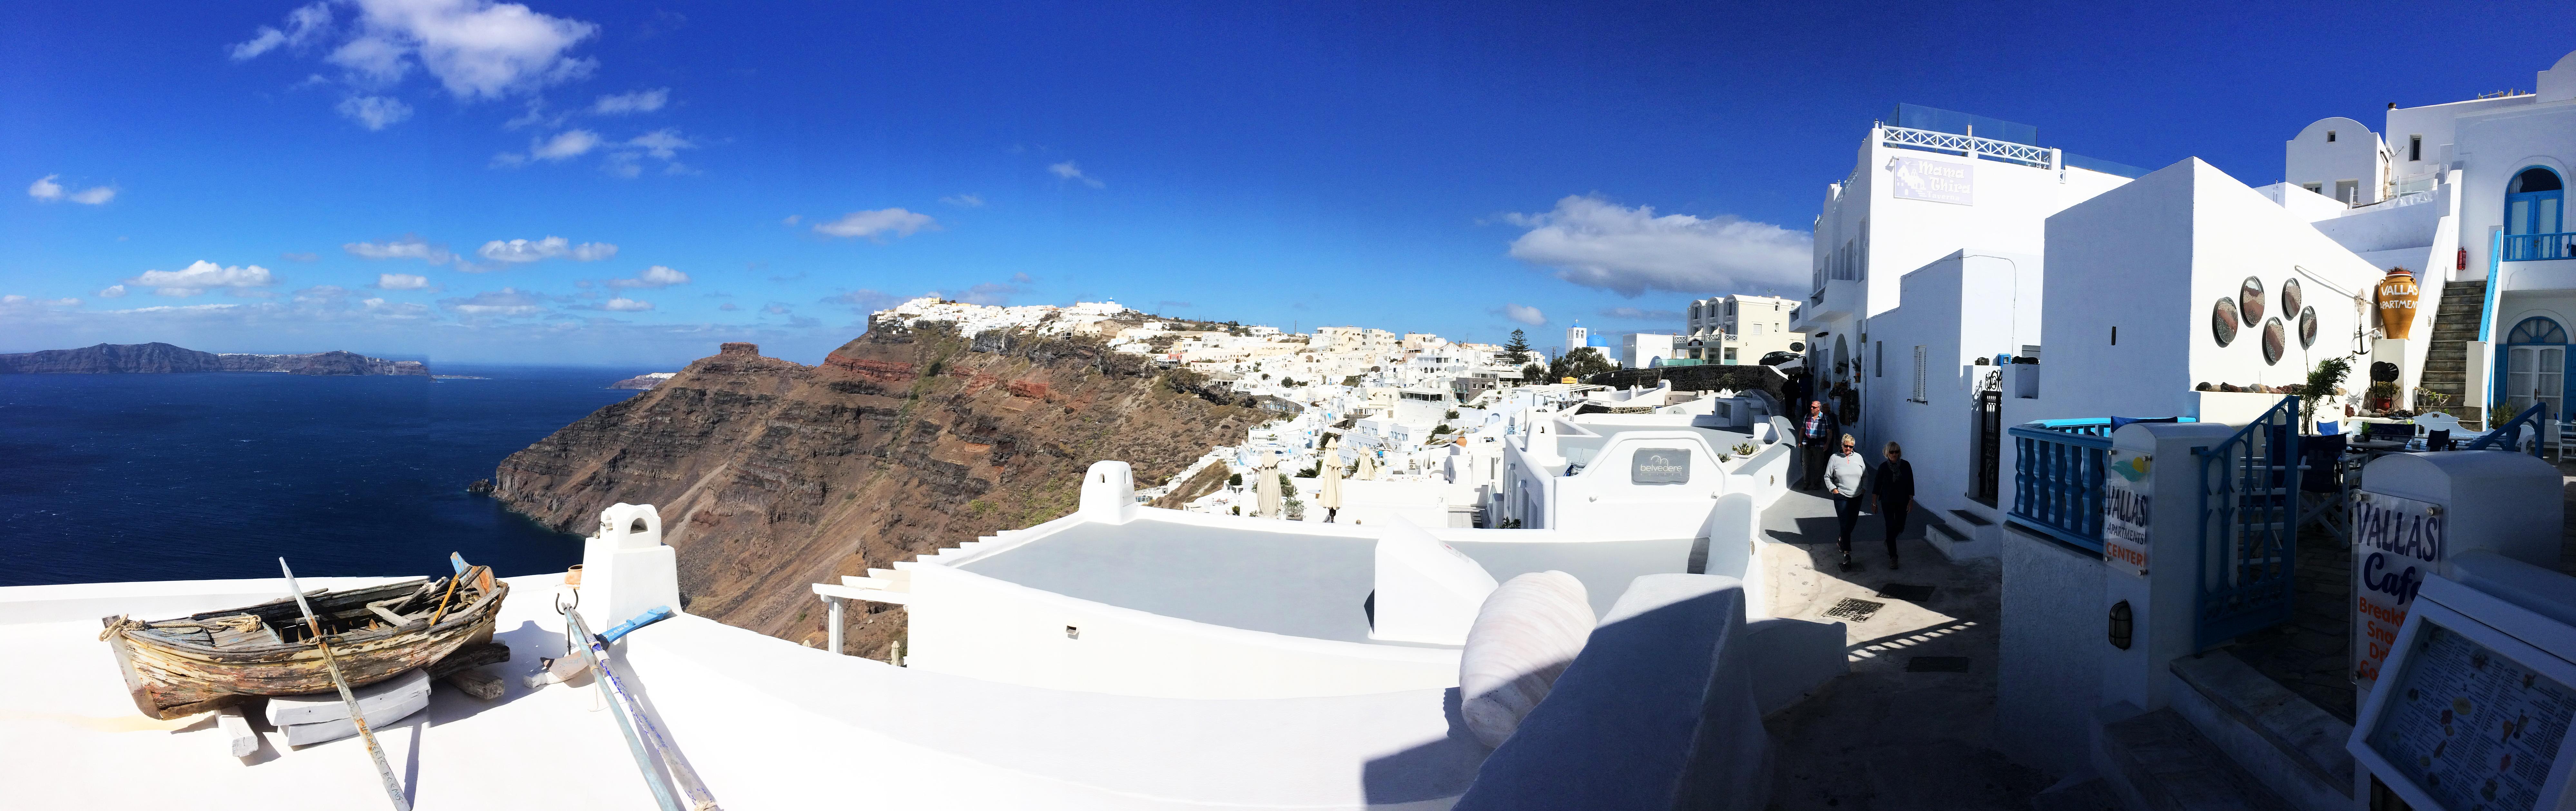 Santorini Grecia 4